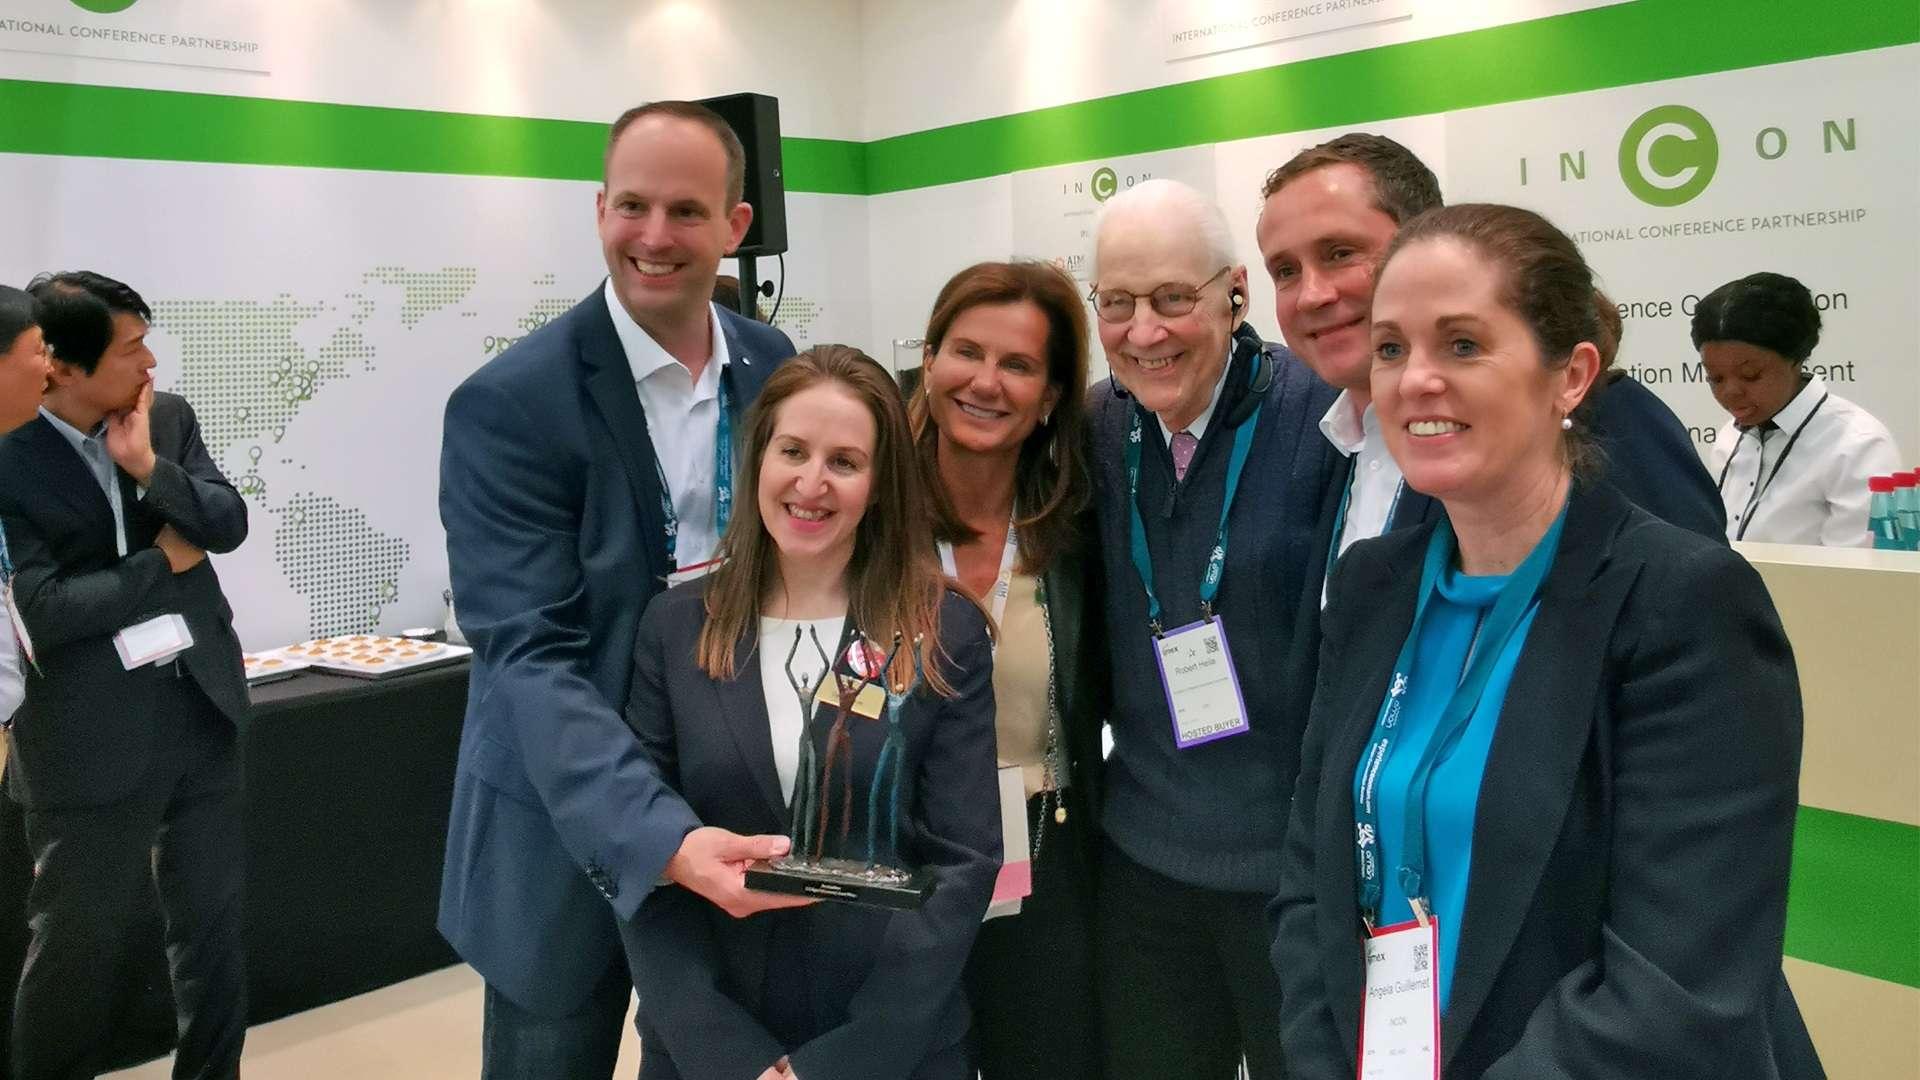 Sechs Menschen posieren nach der Preisübergabe des INCON Digital Infrastructure Award 2019 für ein Foto